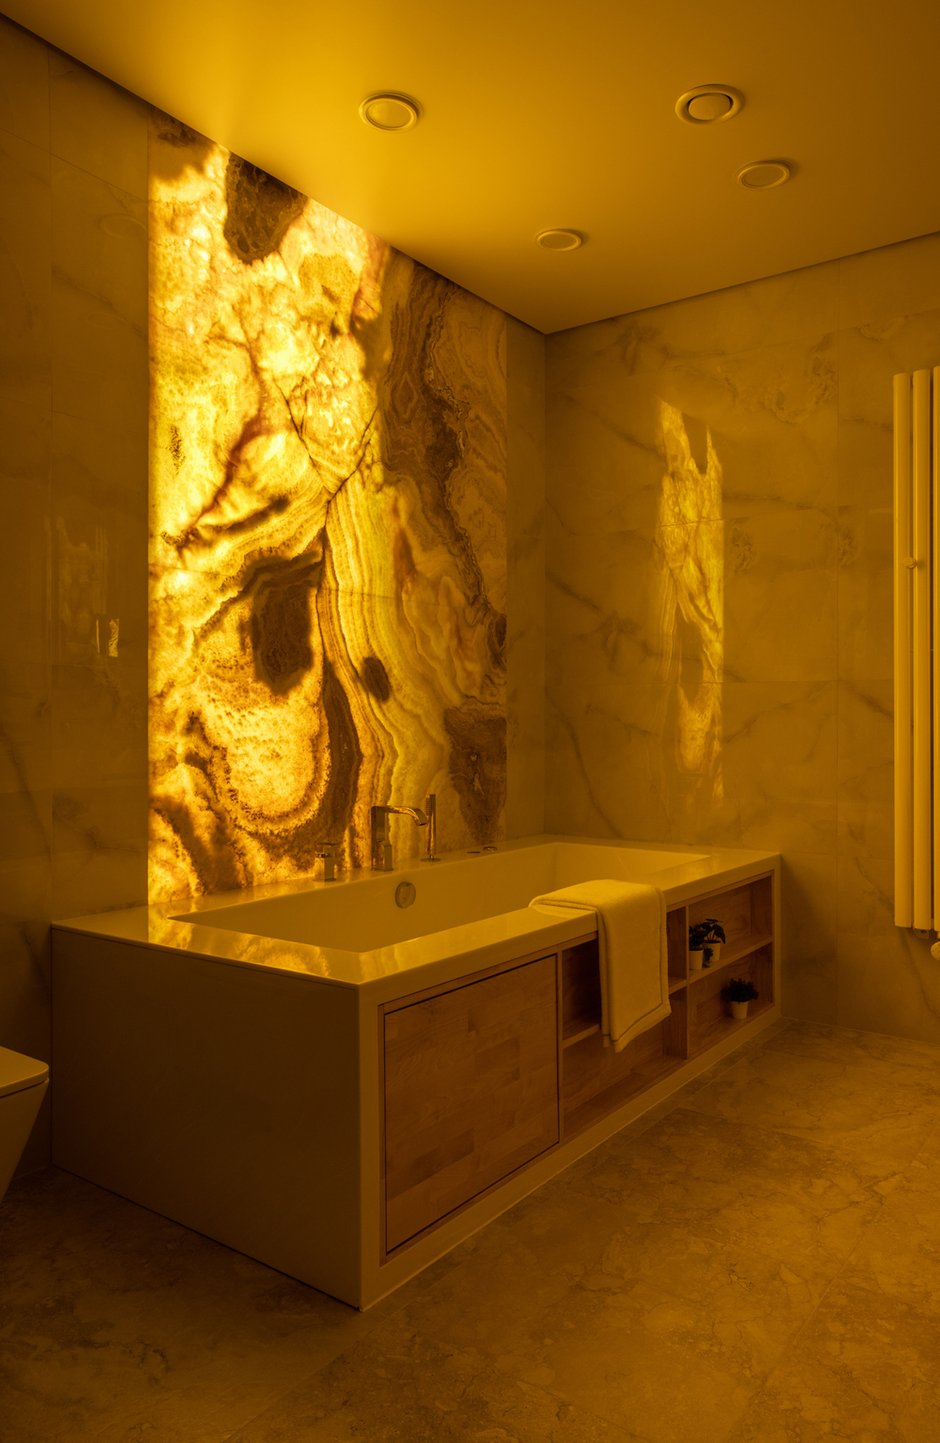 Фотография: Ванная в стиле Современный, Квартира, Проект недели, Москва, Ирина Васильева, 3 комнаты, Более 90 метров – фото на INMYROOM